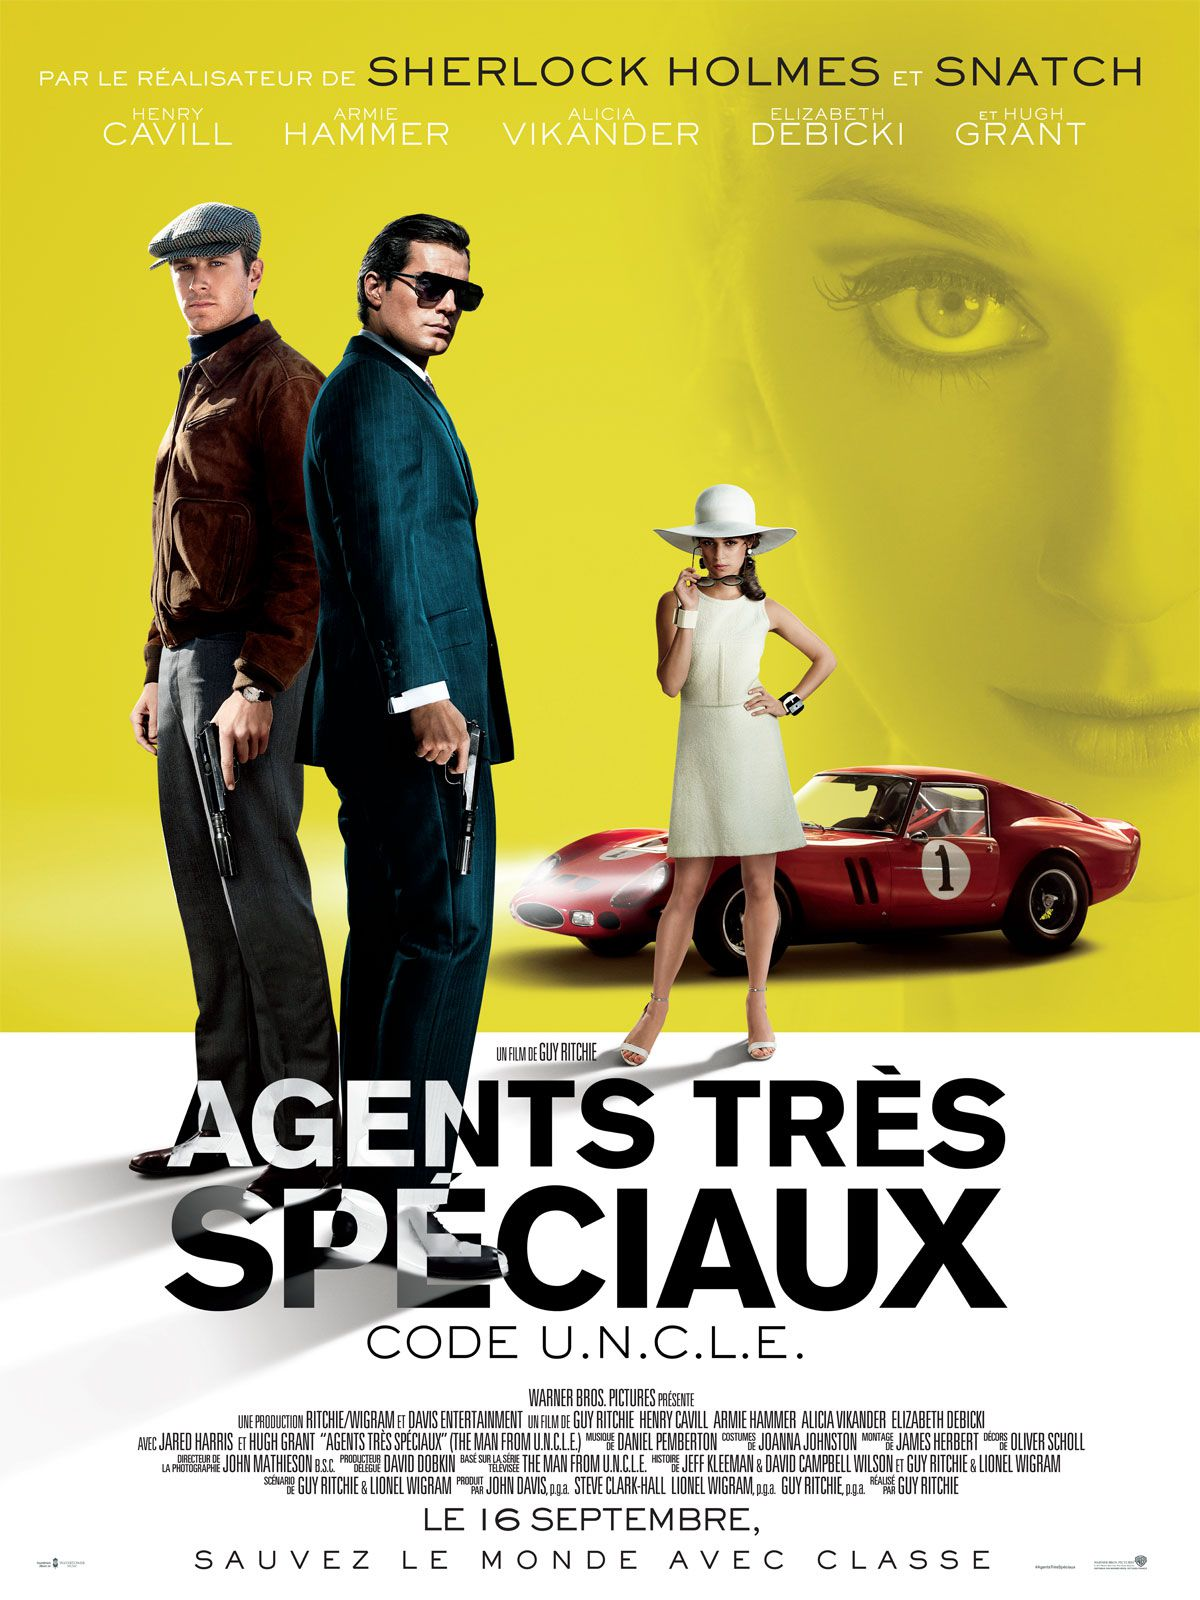 Agents très spéciaux - Code U.N.C.L.E. - Film (2015)